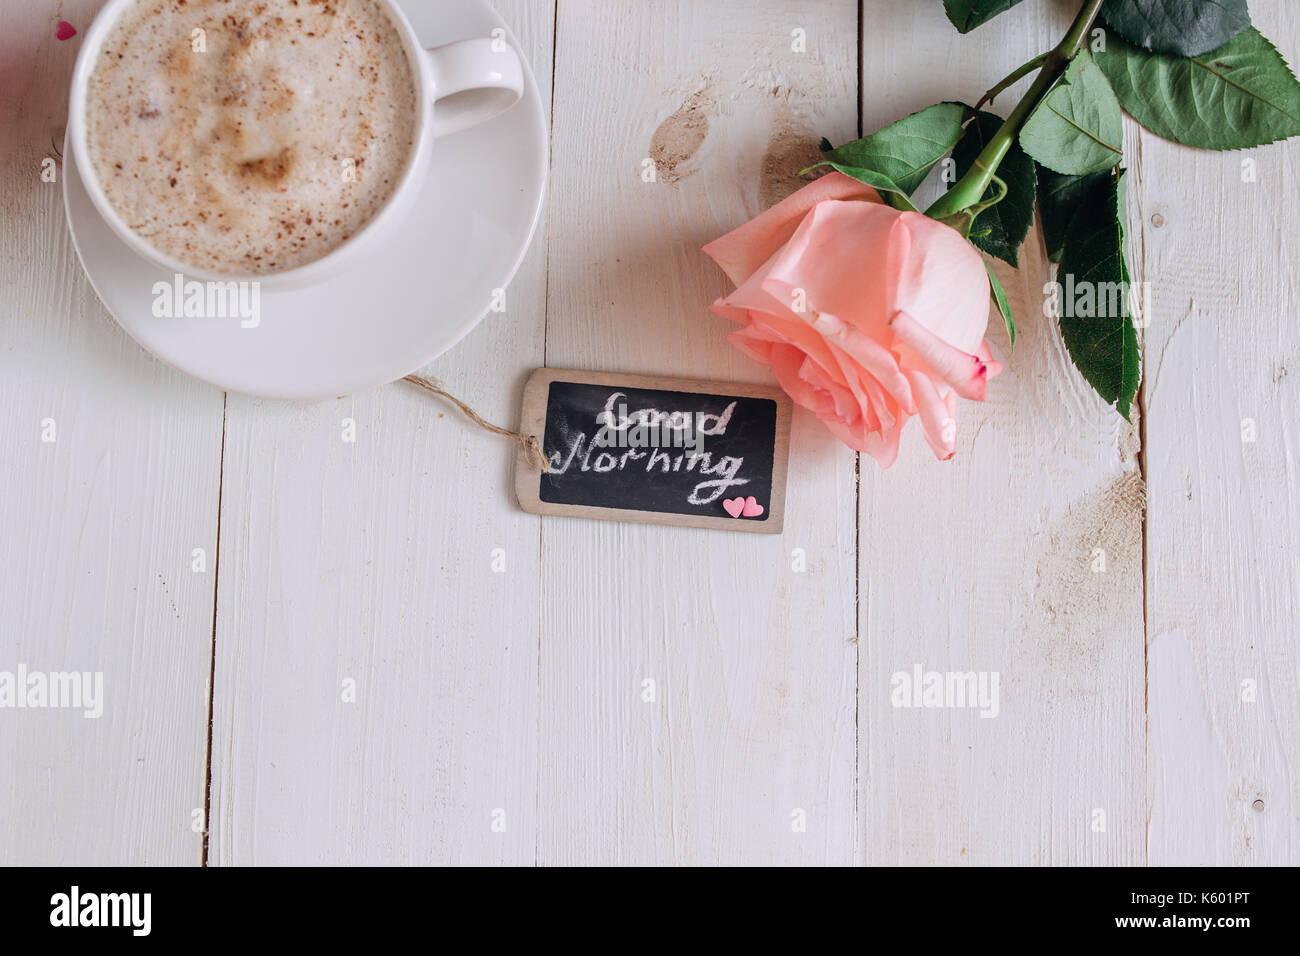 Kaffeebecher Mit Kuchen Rose Und Noten Guten Morgen Auf